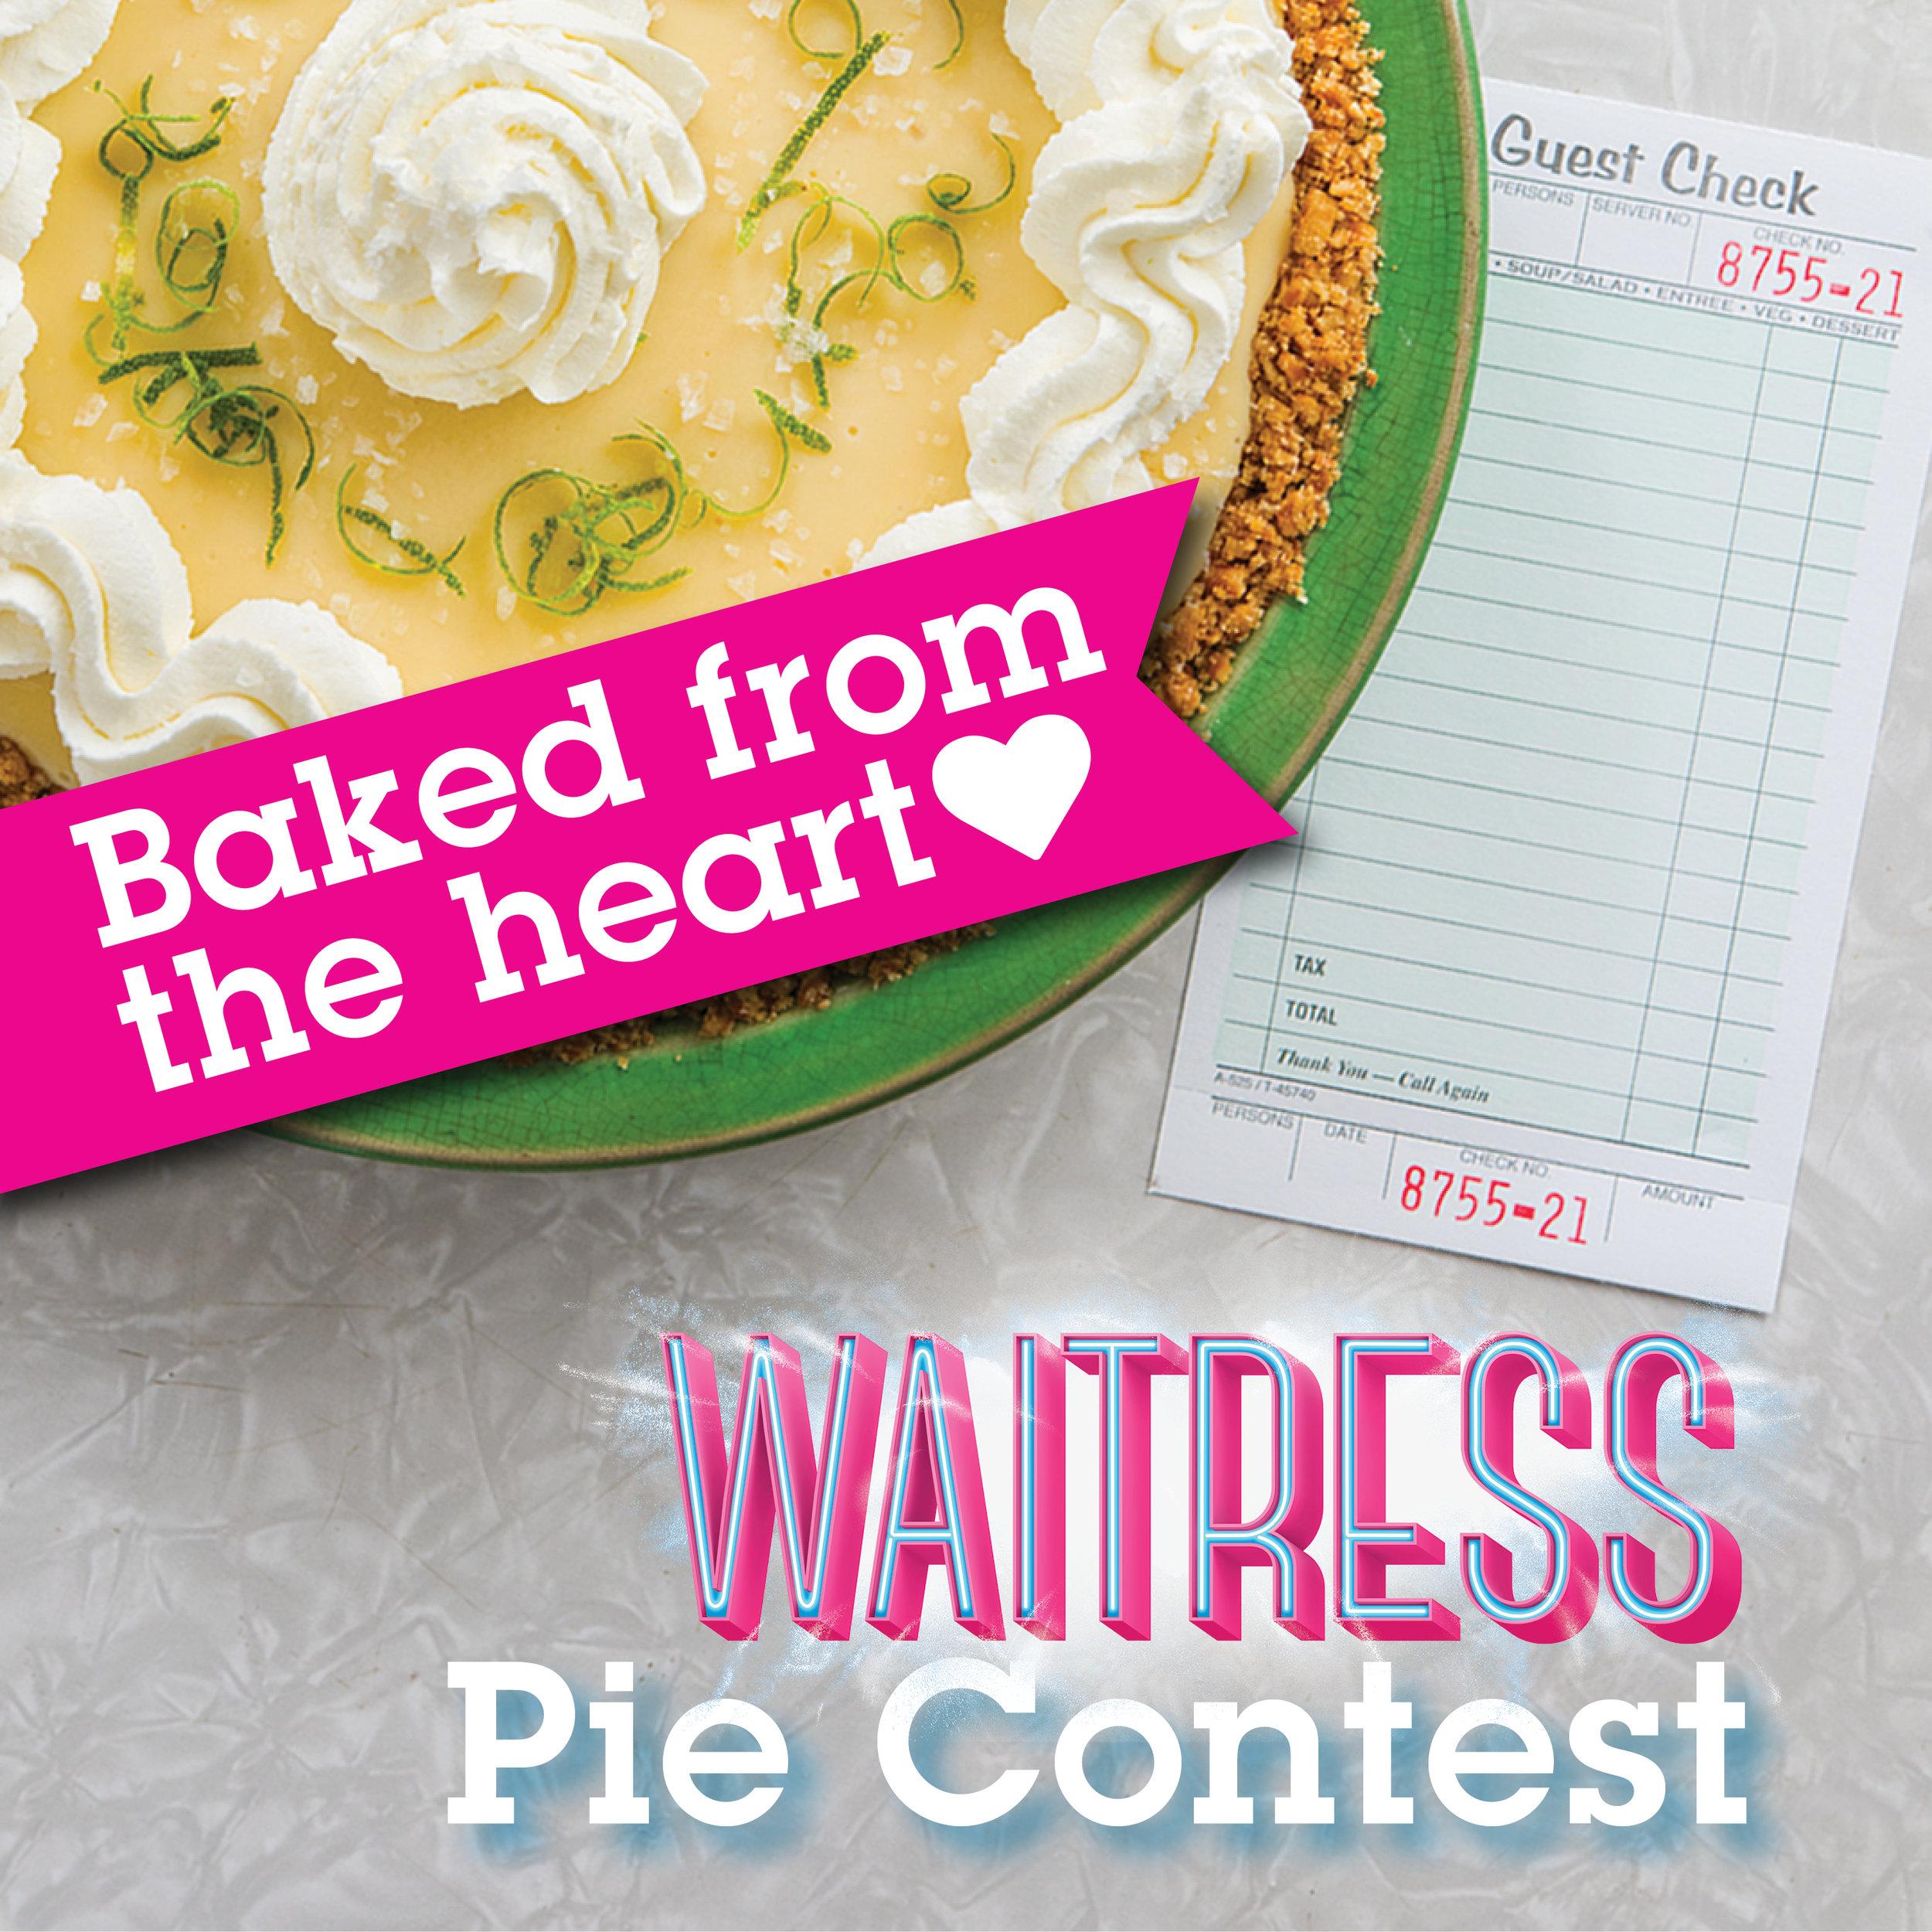 WAC_Waitress_PieContest_640x640.jpg